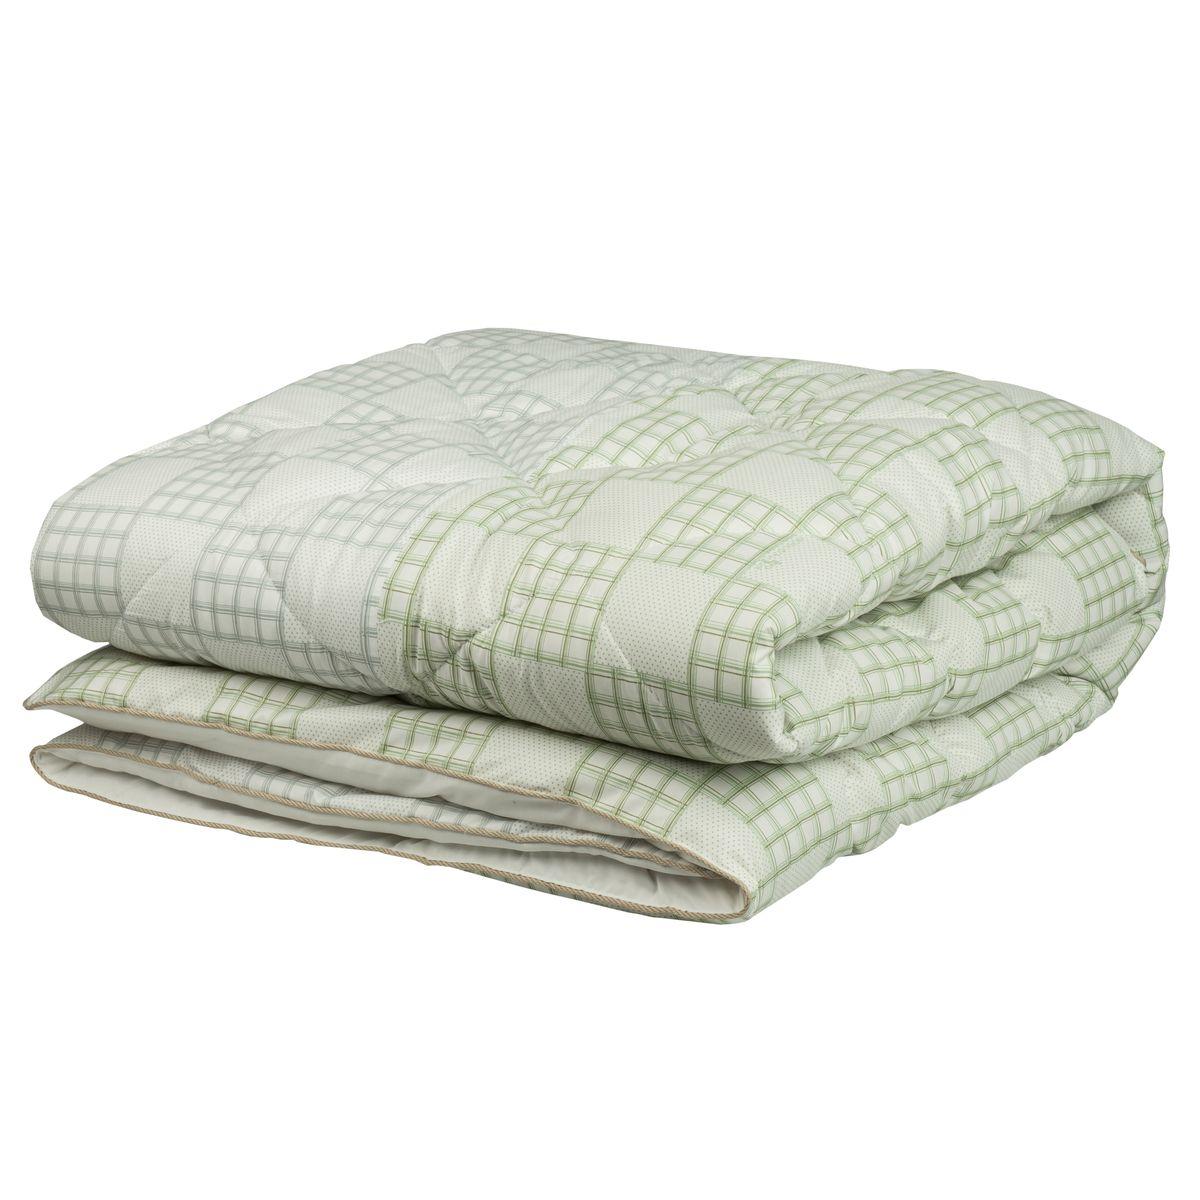 Одеяло Mona Liza Chalet Climat Control, цвет: серый, оливковый, 195 х 215 см539939/2Одеяло Mona Liza Chalet Climat Control изготовлено из плотного тика, с отделочным кантом. Одновременно имеет две зоны температурного режима, поскольку наполнитель состоит из двух частей: одна половина изделия более теплая, содержит волокна натуральной шерсти, а вторая половина одеяла прохладная - так как наполнена натуральными растительными волокнами. Такое одеяло сделает спальное место уютным и подарит ощущение комфорта.